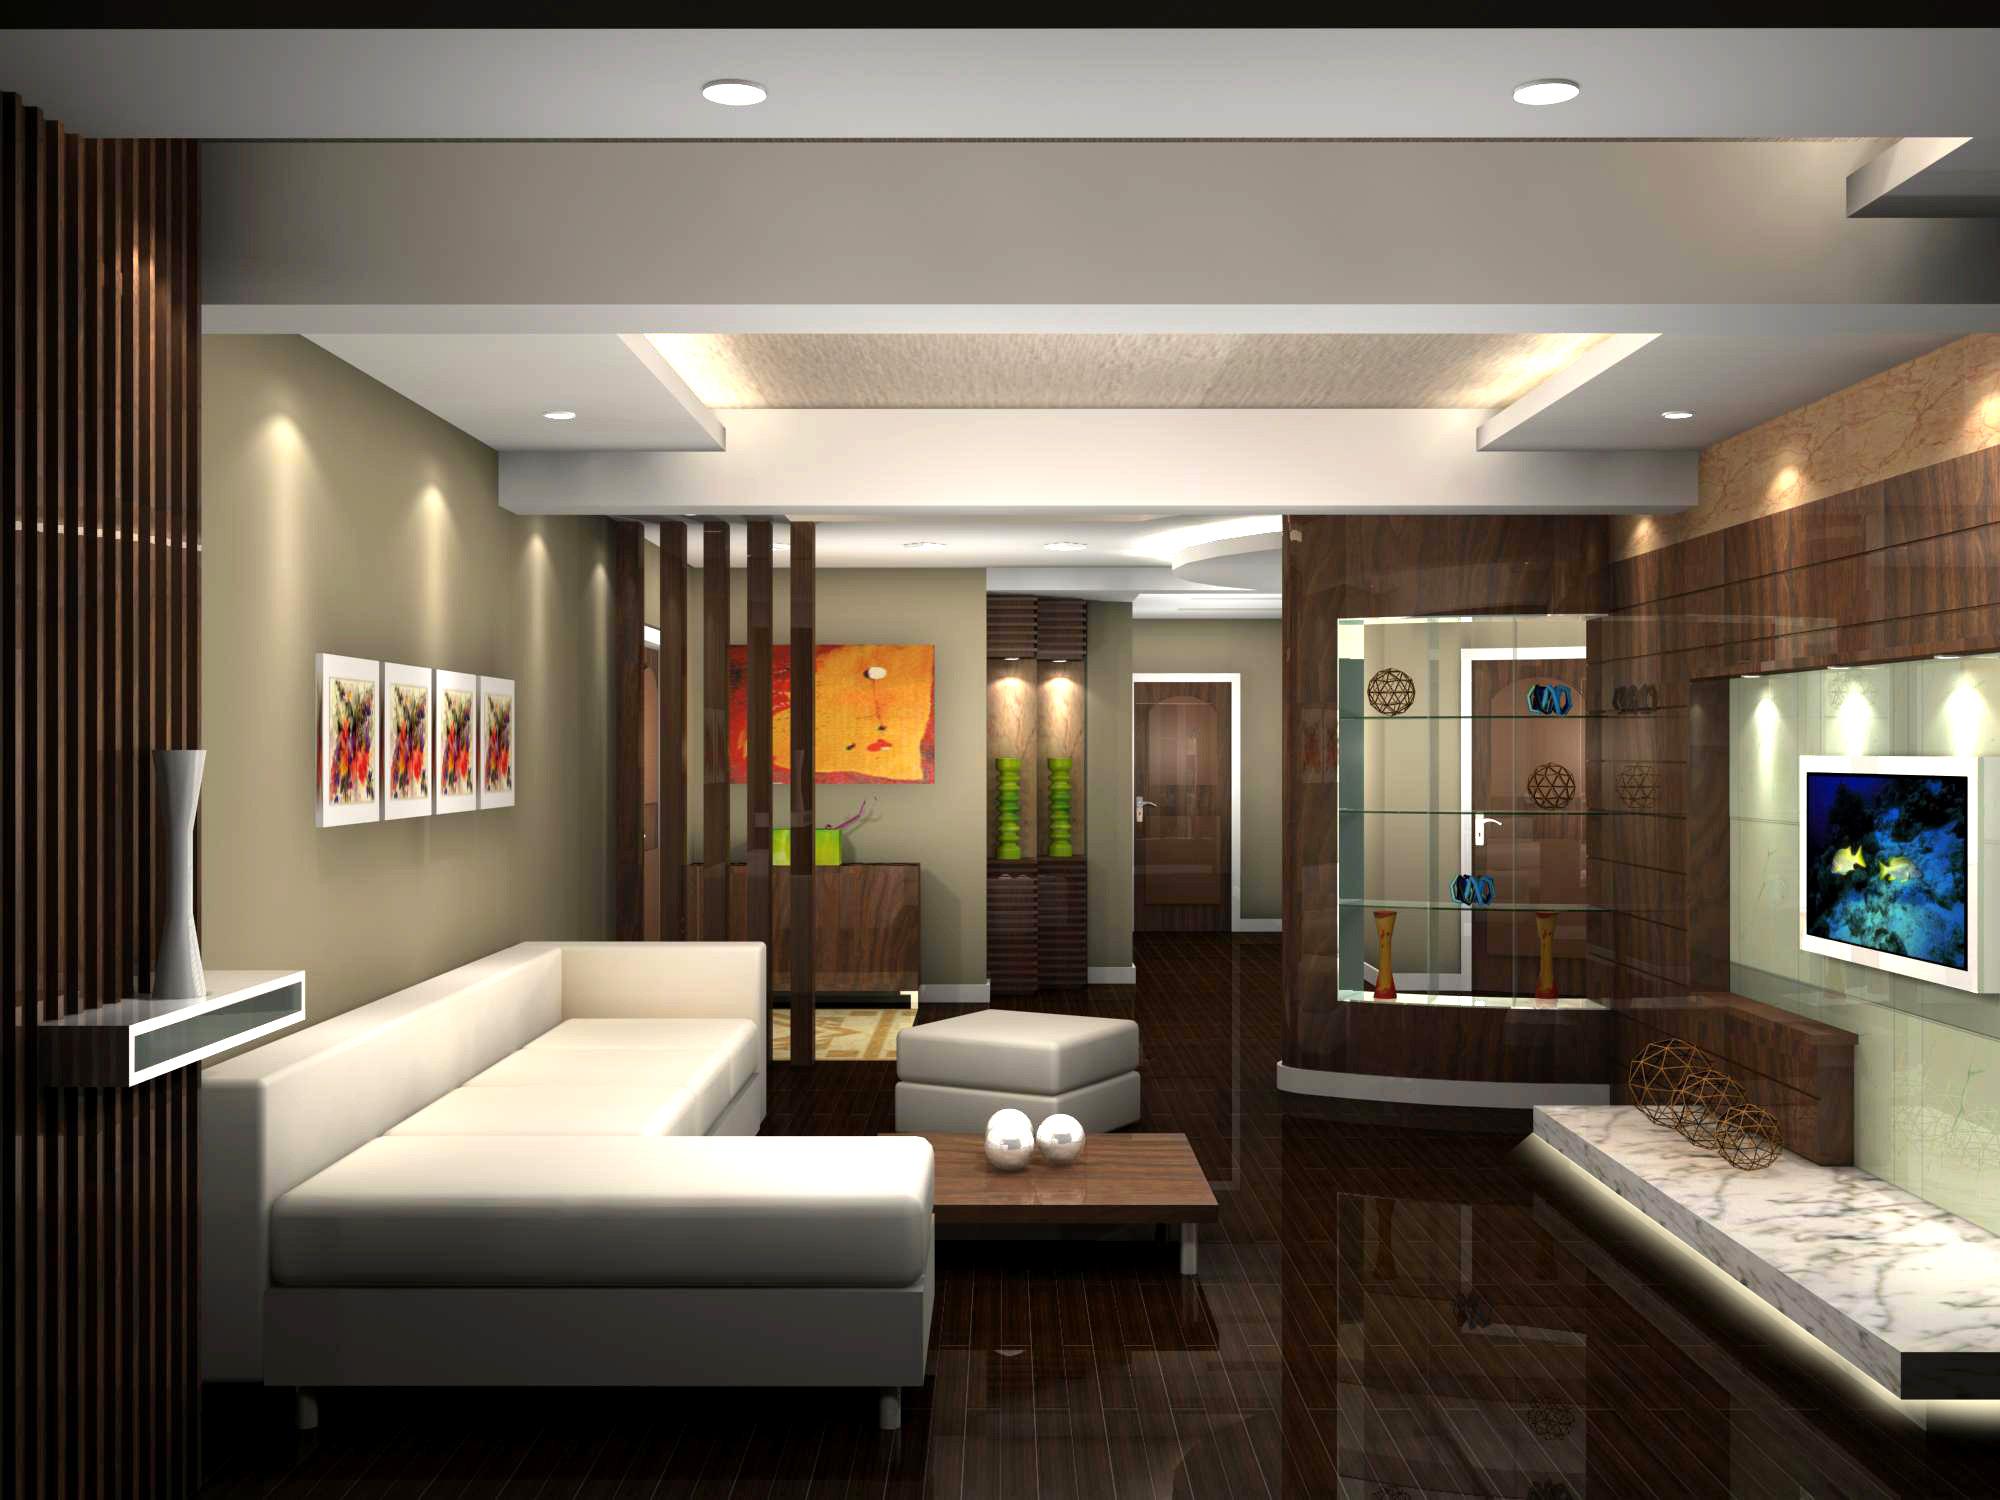 家庭客厅设计图片 餐厅装修效果图